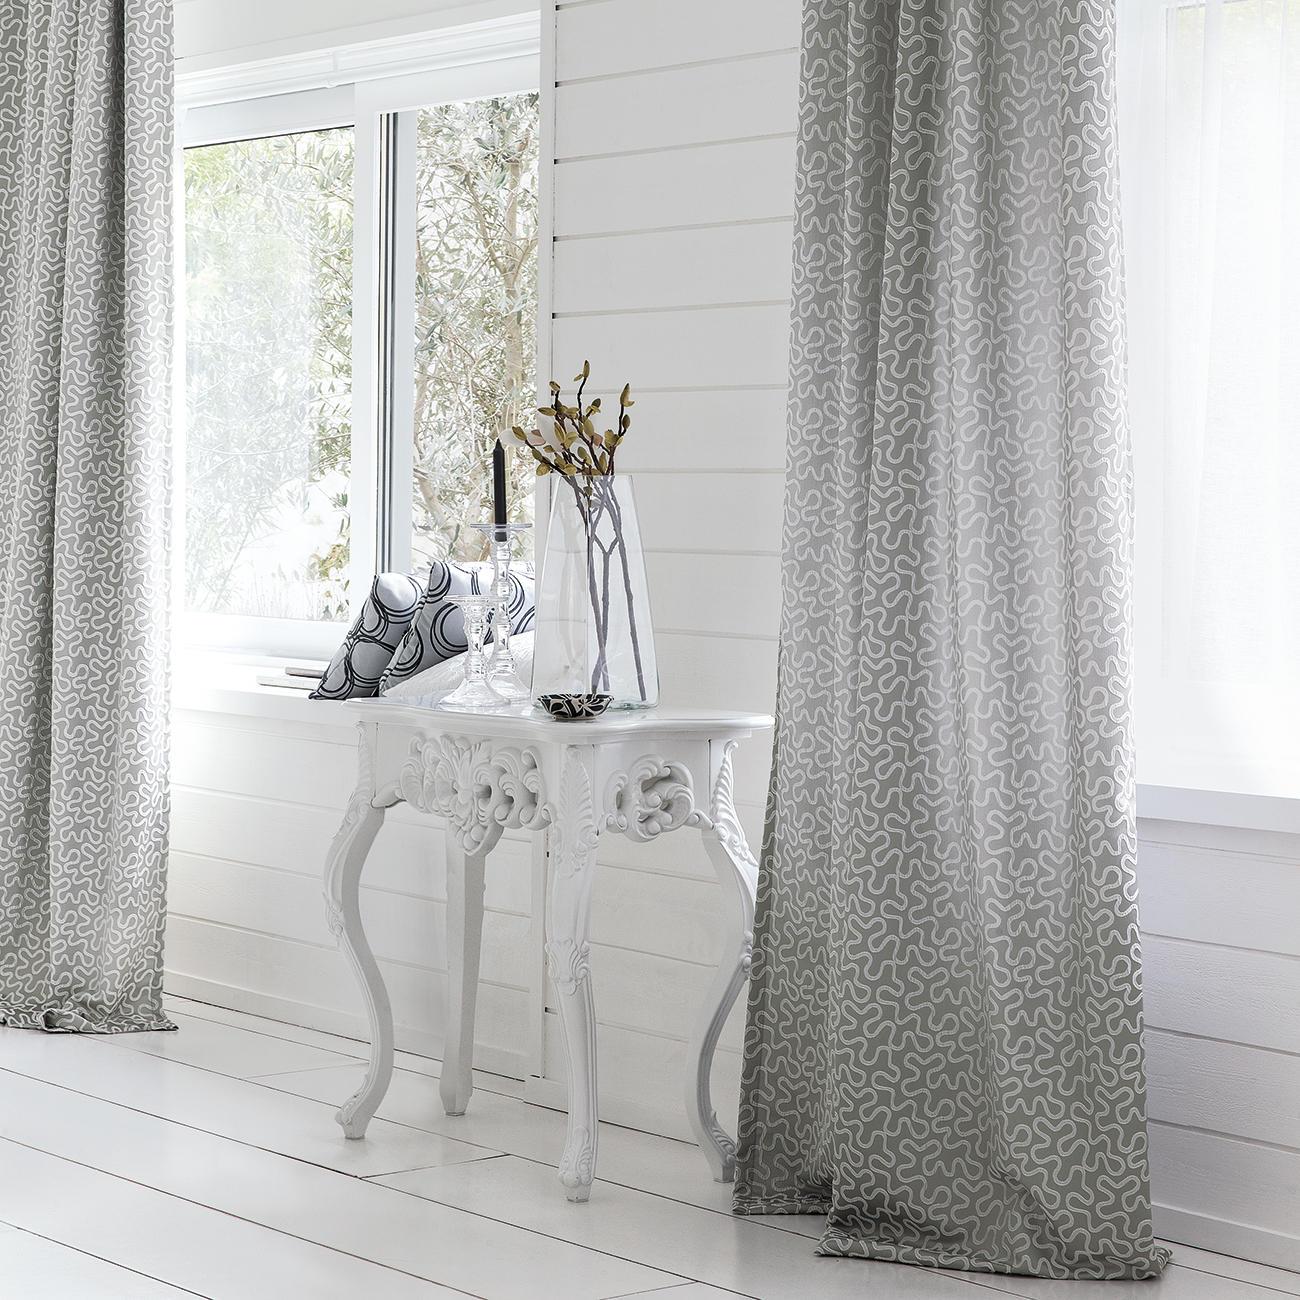 vorhang sunderland 1 st ck vorh nge online kaufen. Black Bedroom Furniture Sets. Home Design Ideas